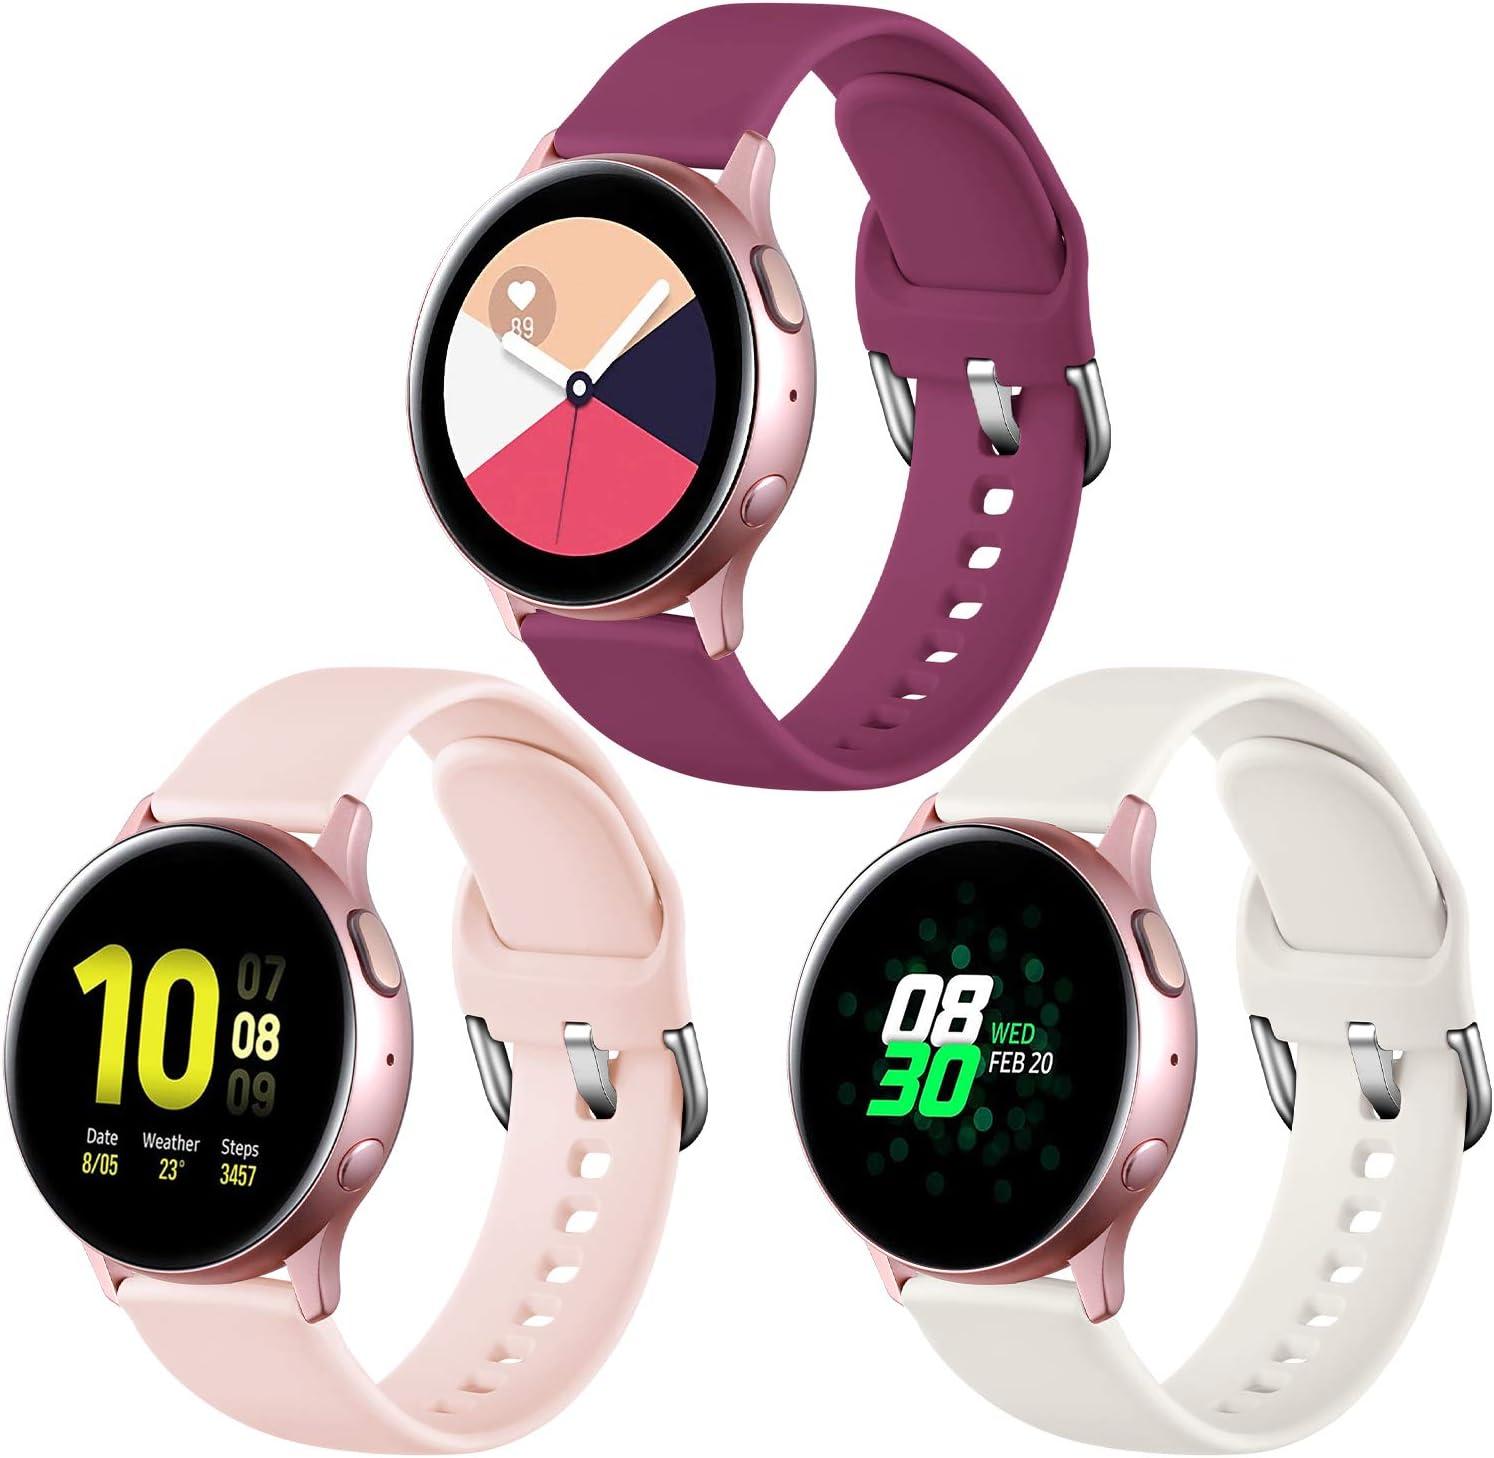 Malla Para Galaxy Watch Active/active2 small pack 3 (KCK7)